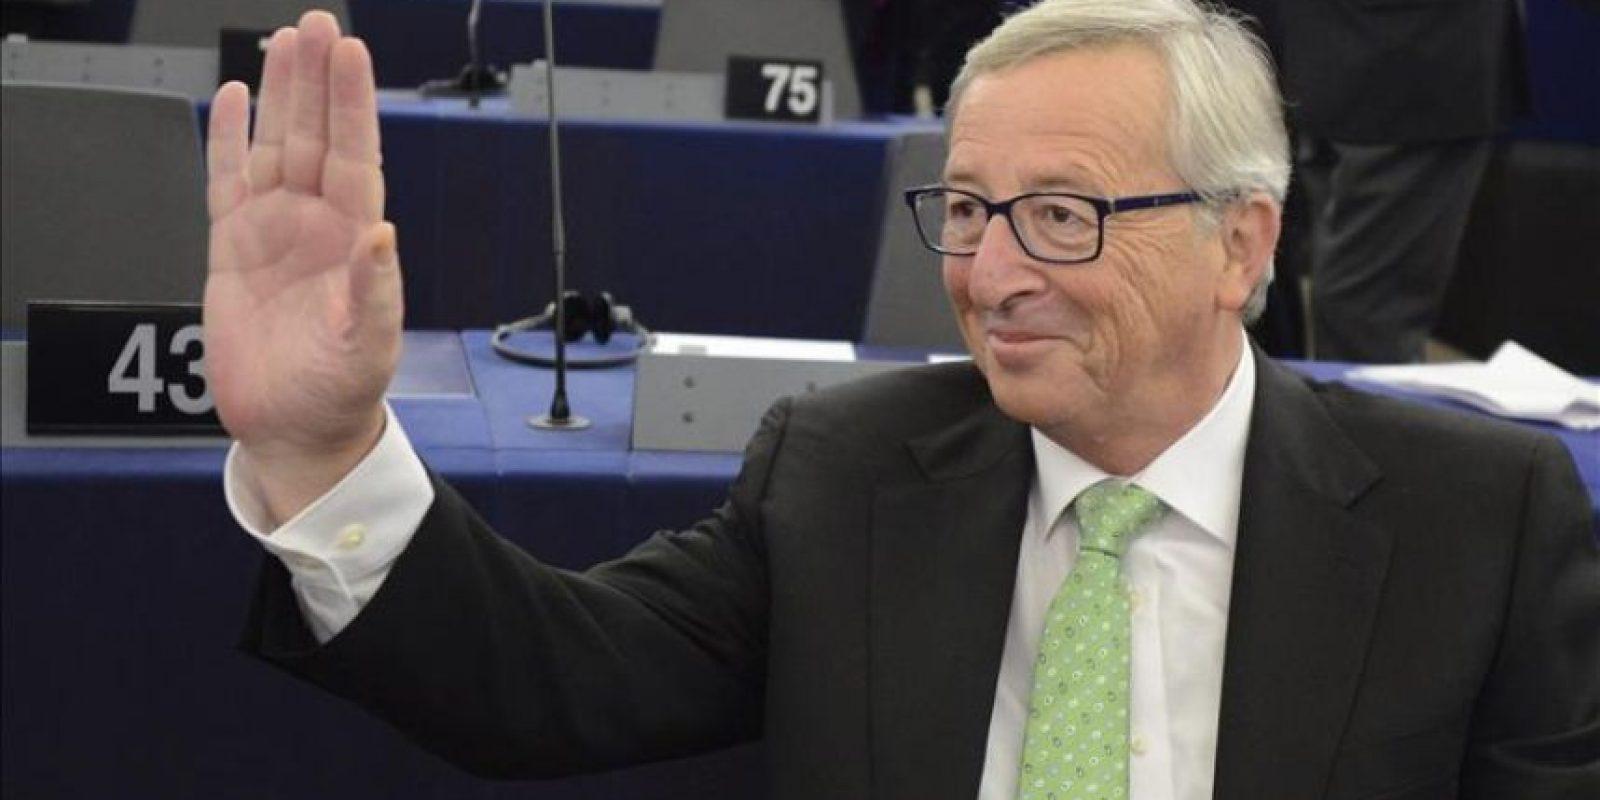 El presidente electo de la Comisión Europea (CE), Jean-Claude Juncker, saluda a su llegada al pleno en el Parlamento Europeo en Estrasburgo (Francia). EFE